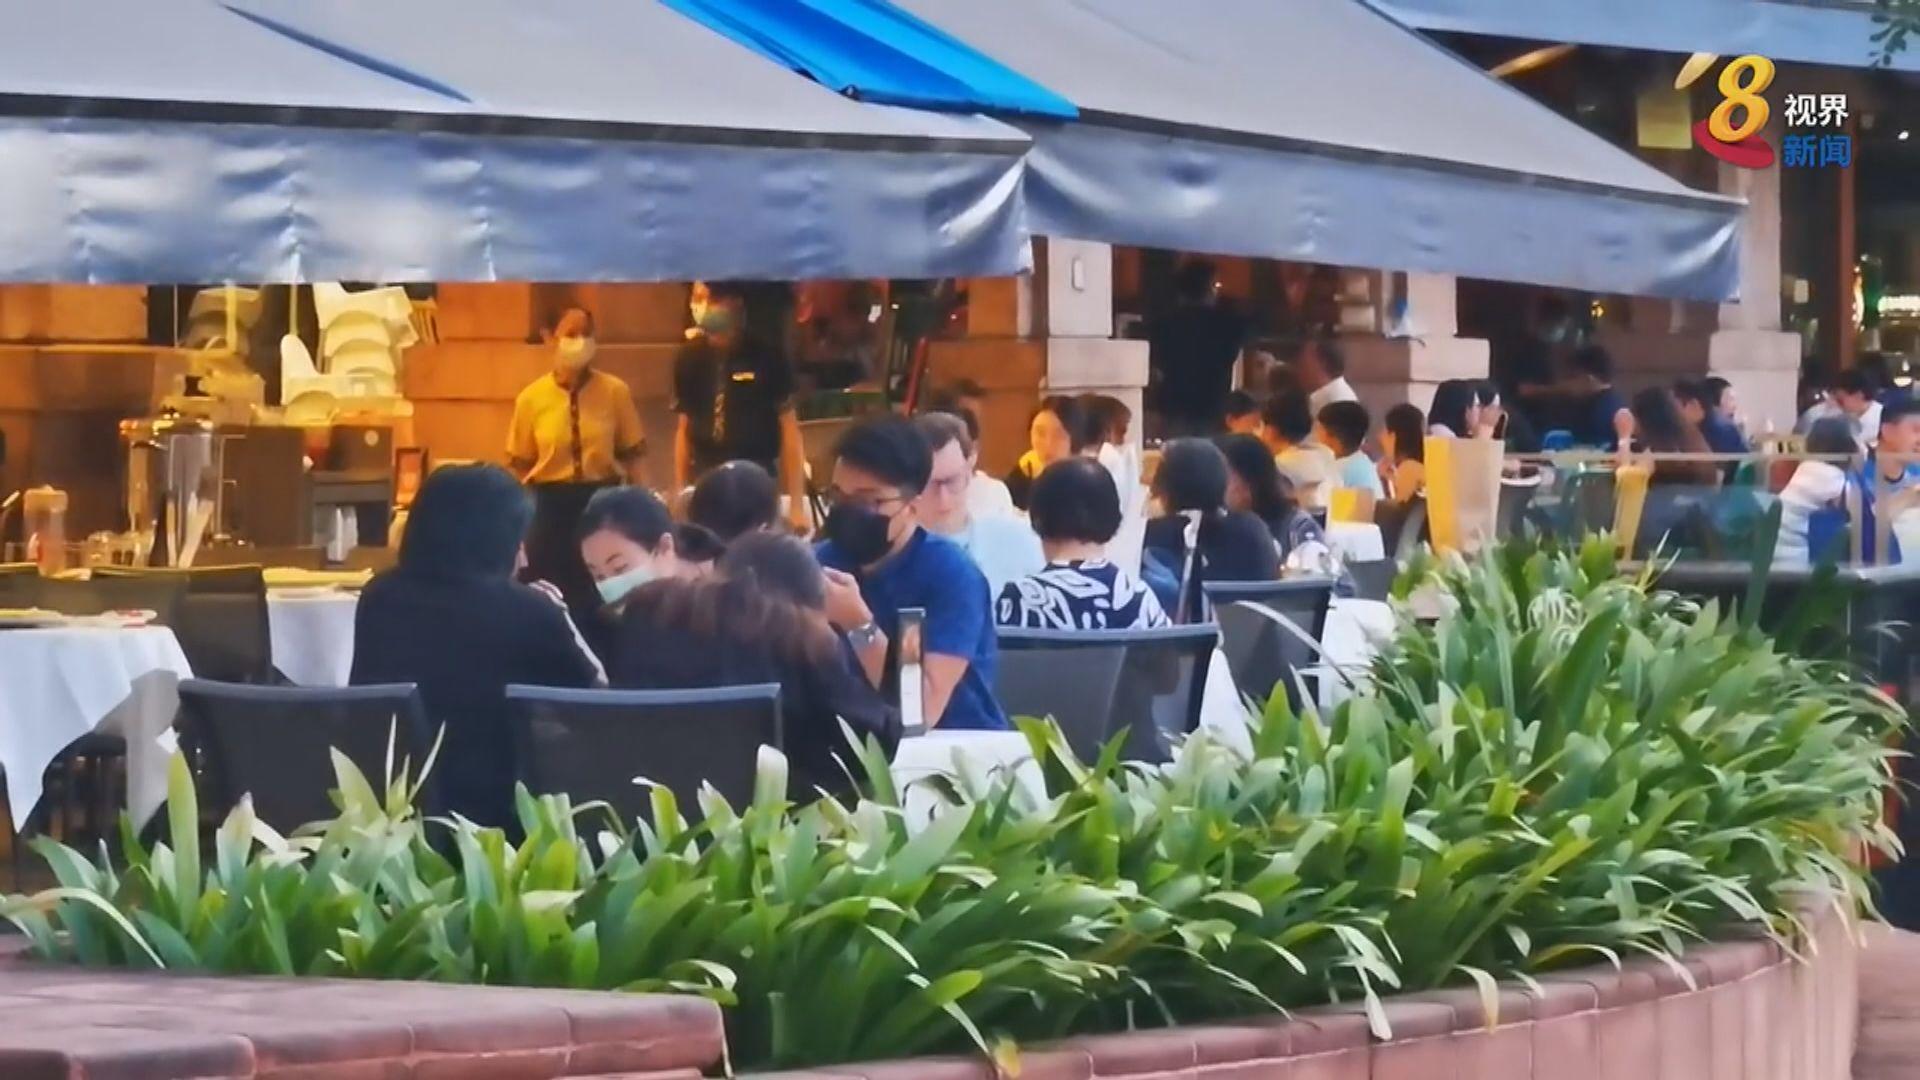 新加坡收緊防疫限制 民眾趕在禁令前外出用膳